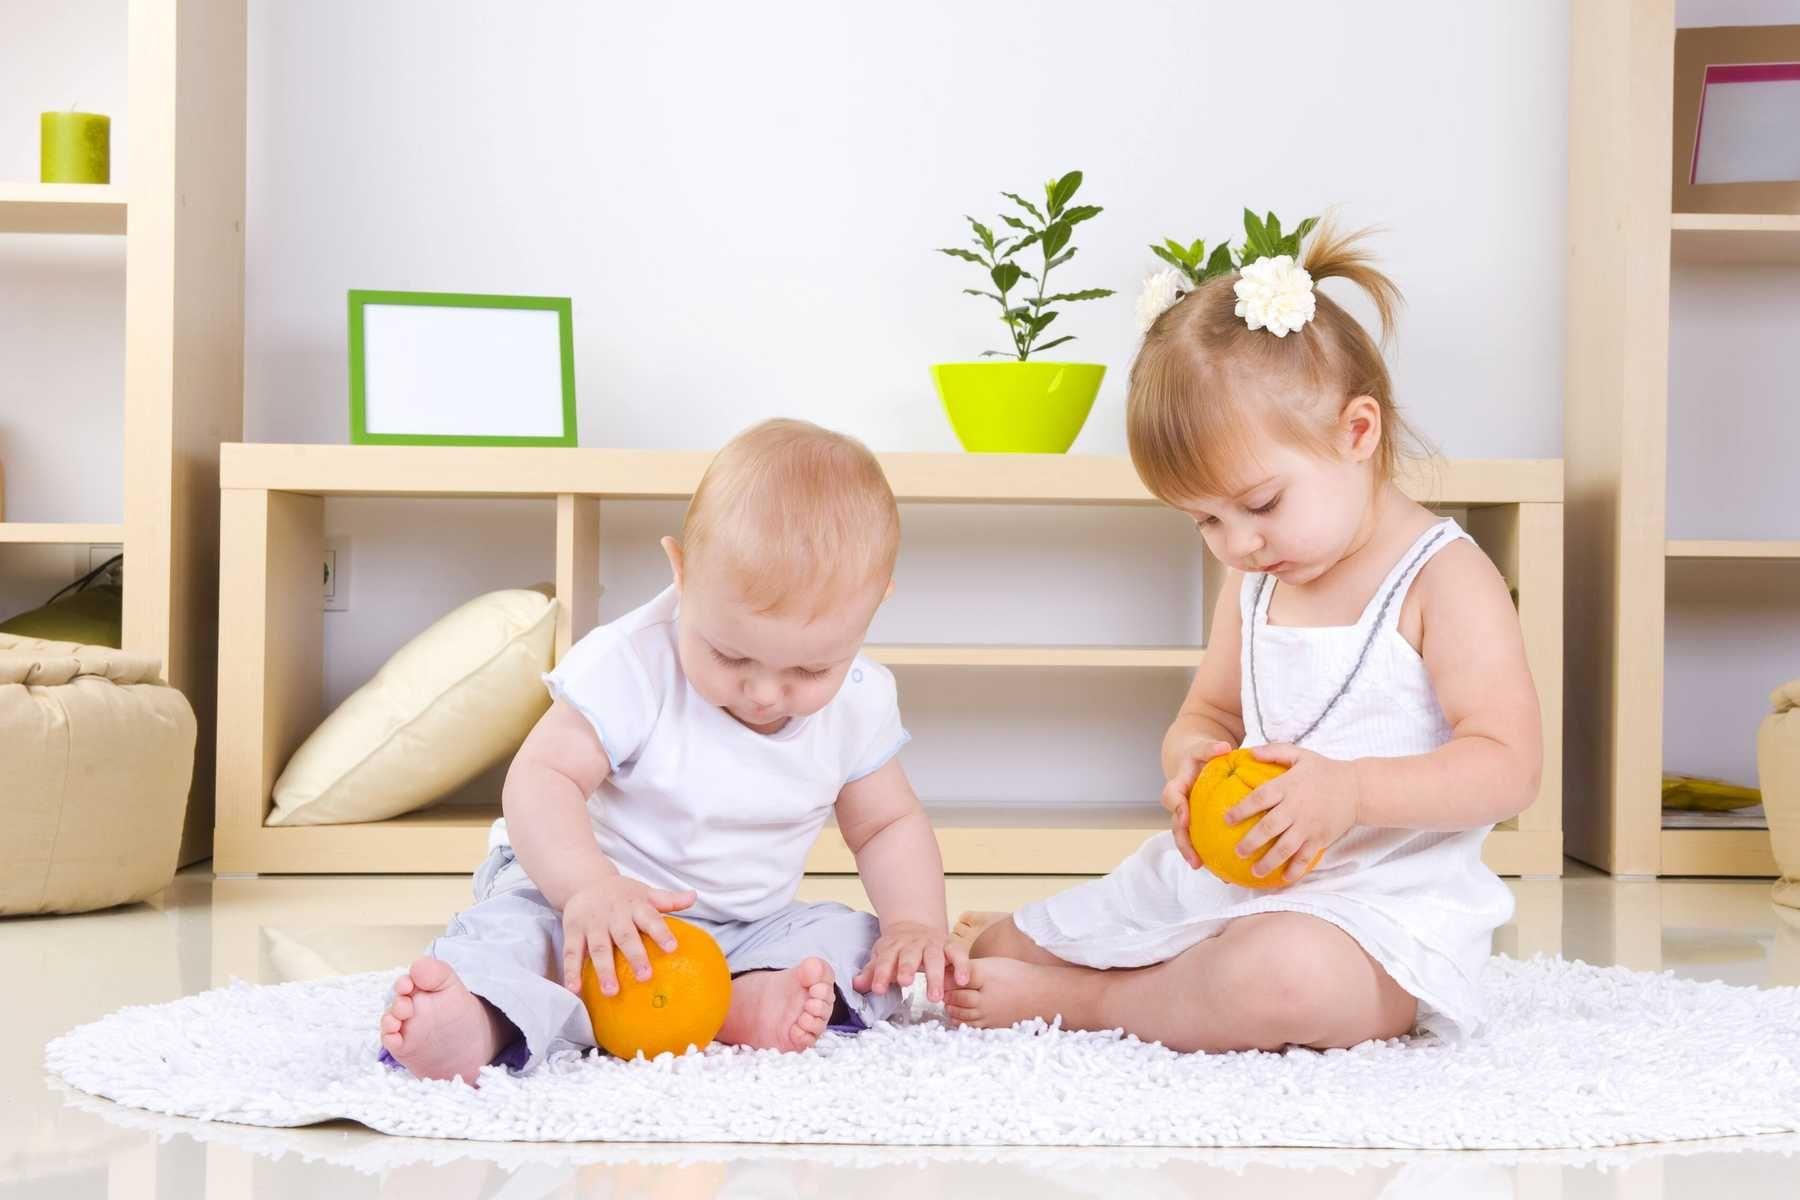 7 cách chăm sóc hiệu quả cho cơn ho của trẻ